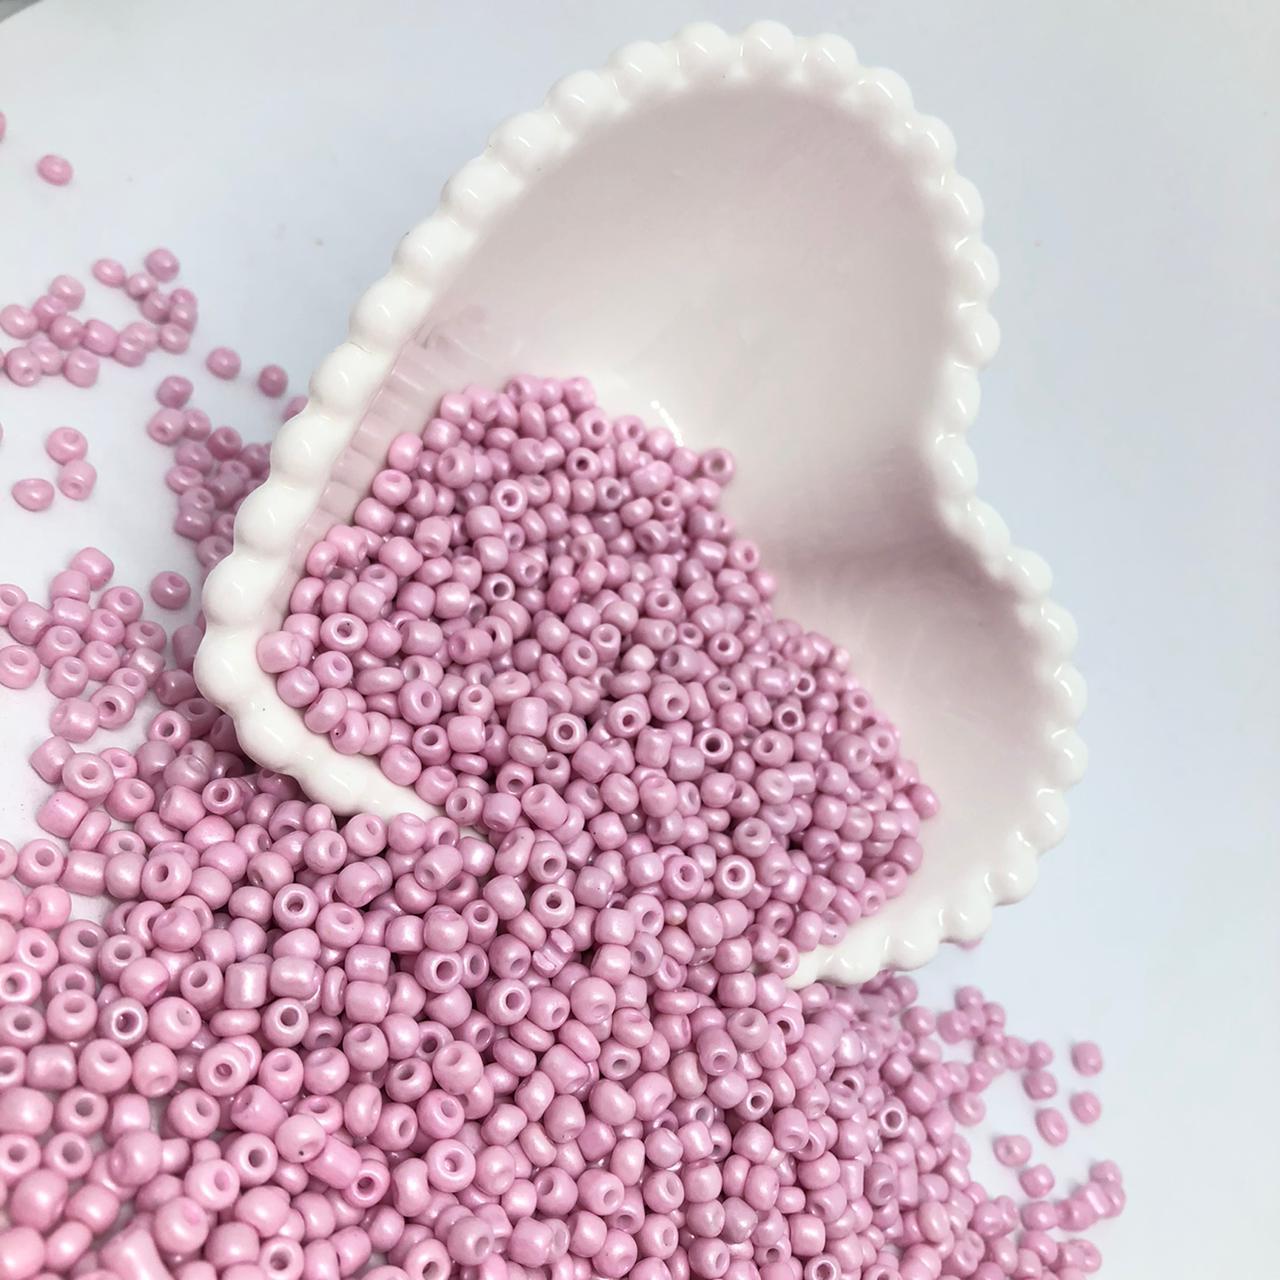 Miçangão rosa bebê 4.1mm (6/0) 25g  - Palácio Dos Cristais